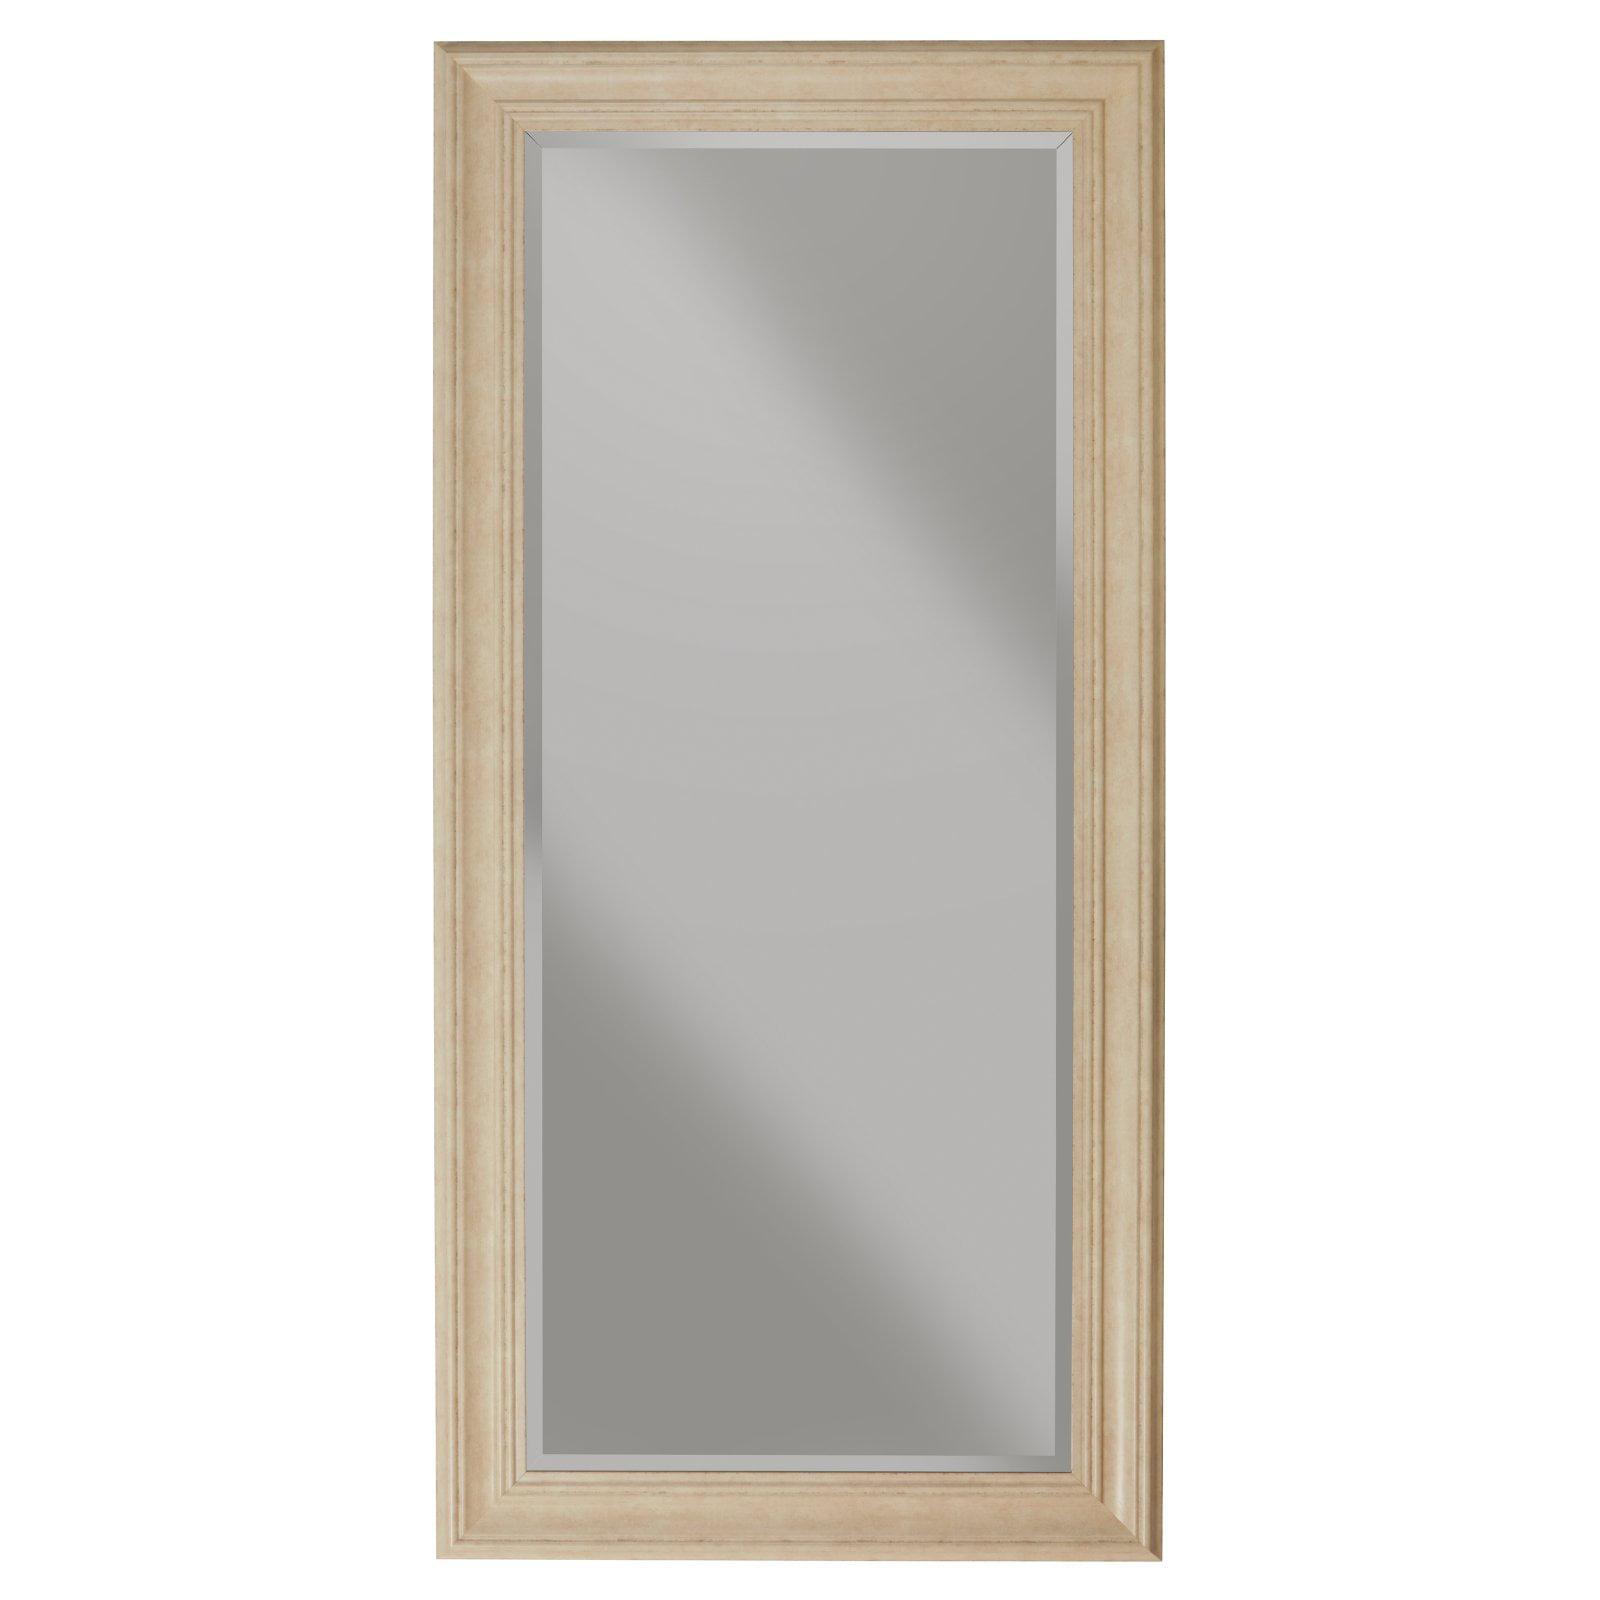 Elegant Antique White Full Length Leaner Mirror by Martin Svensson Home